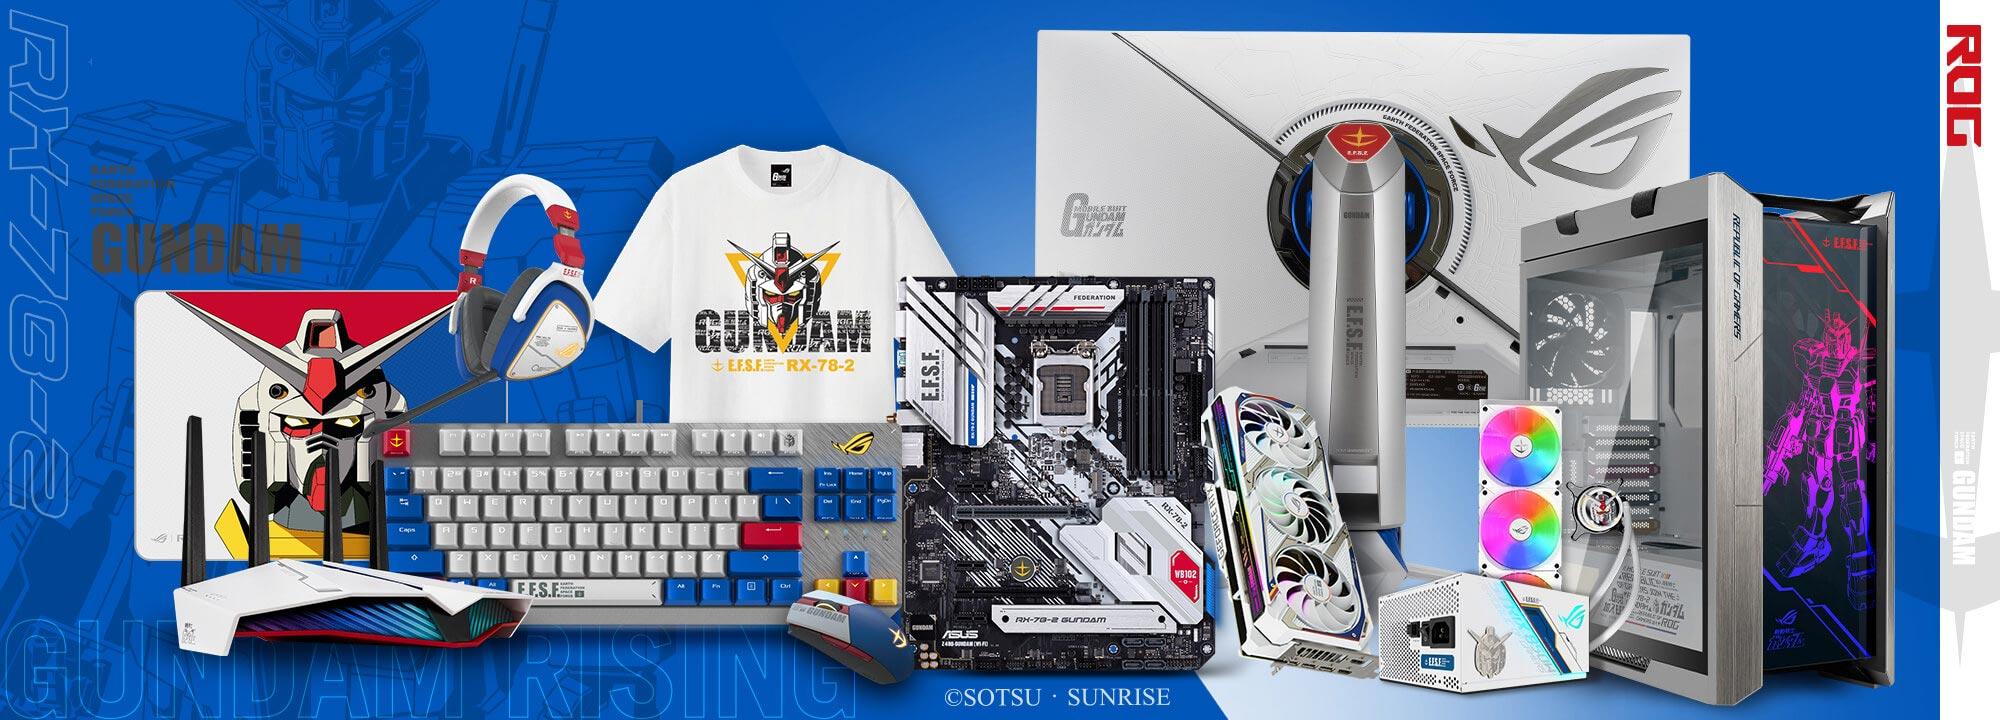 Mobile Suit Gundam x ASUS RX-78-2 Gundam Edition